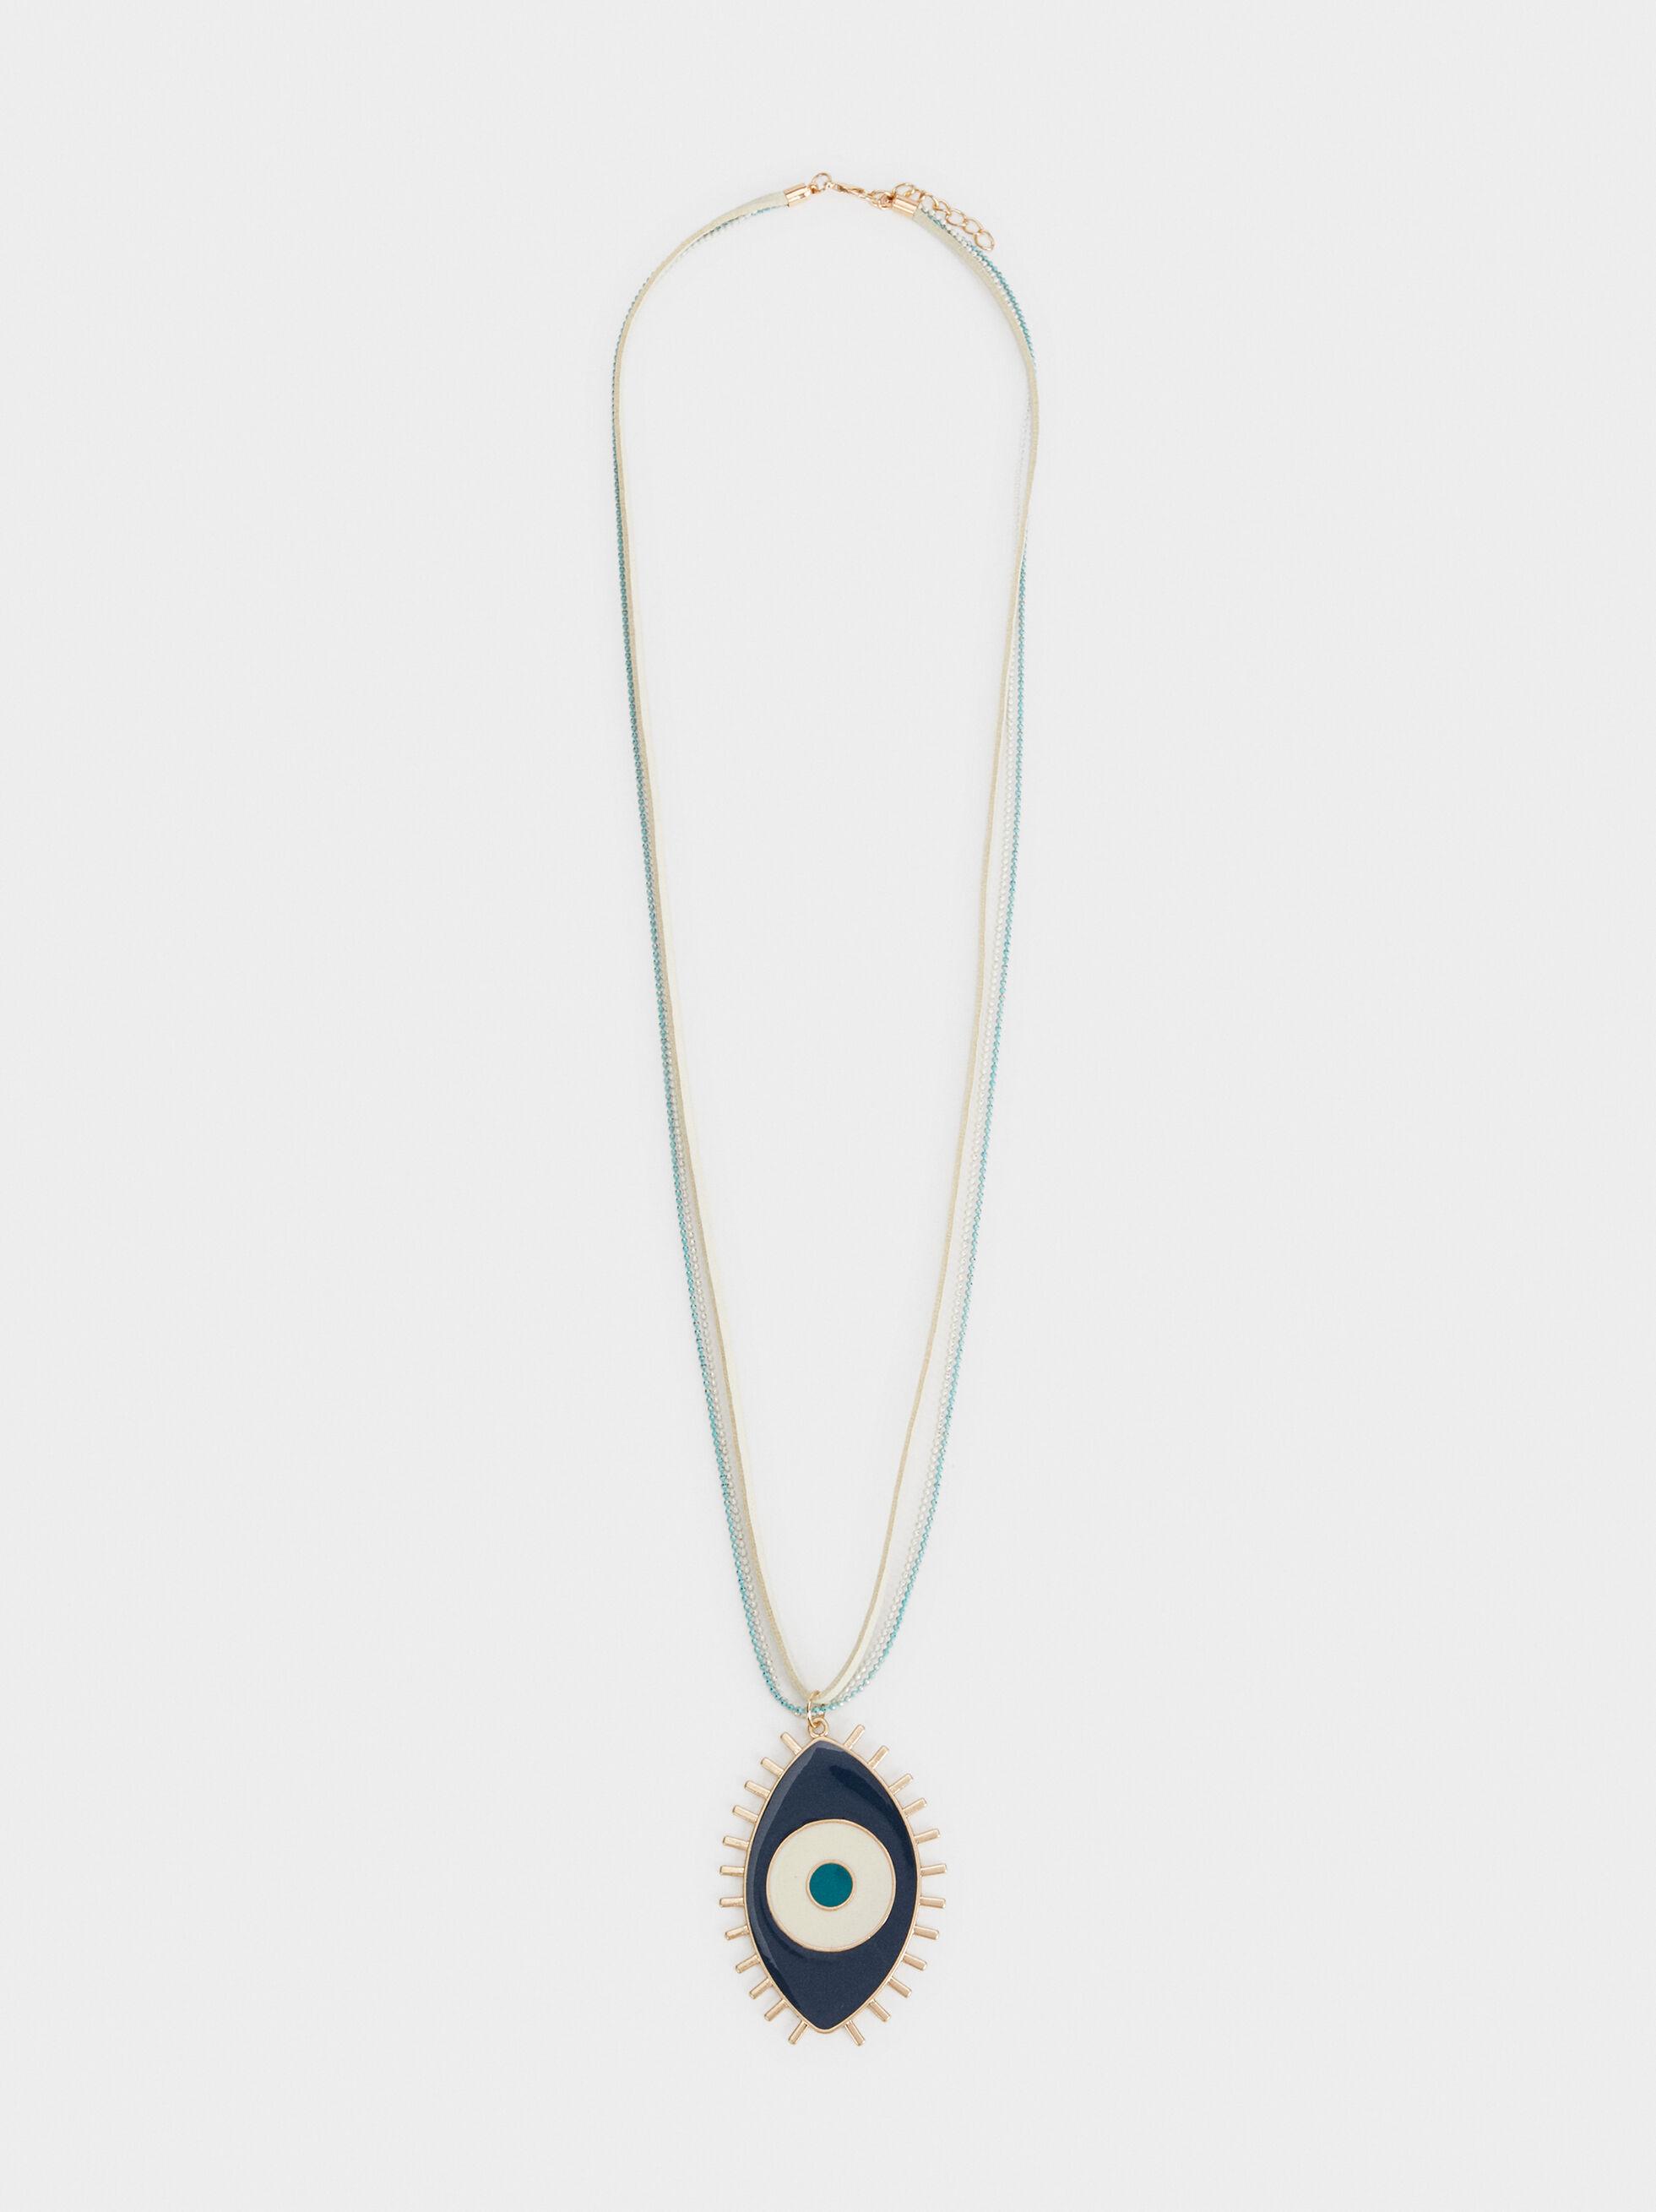 Long Necklace With Eye Motif, Multicolor, hi-res